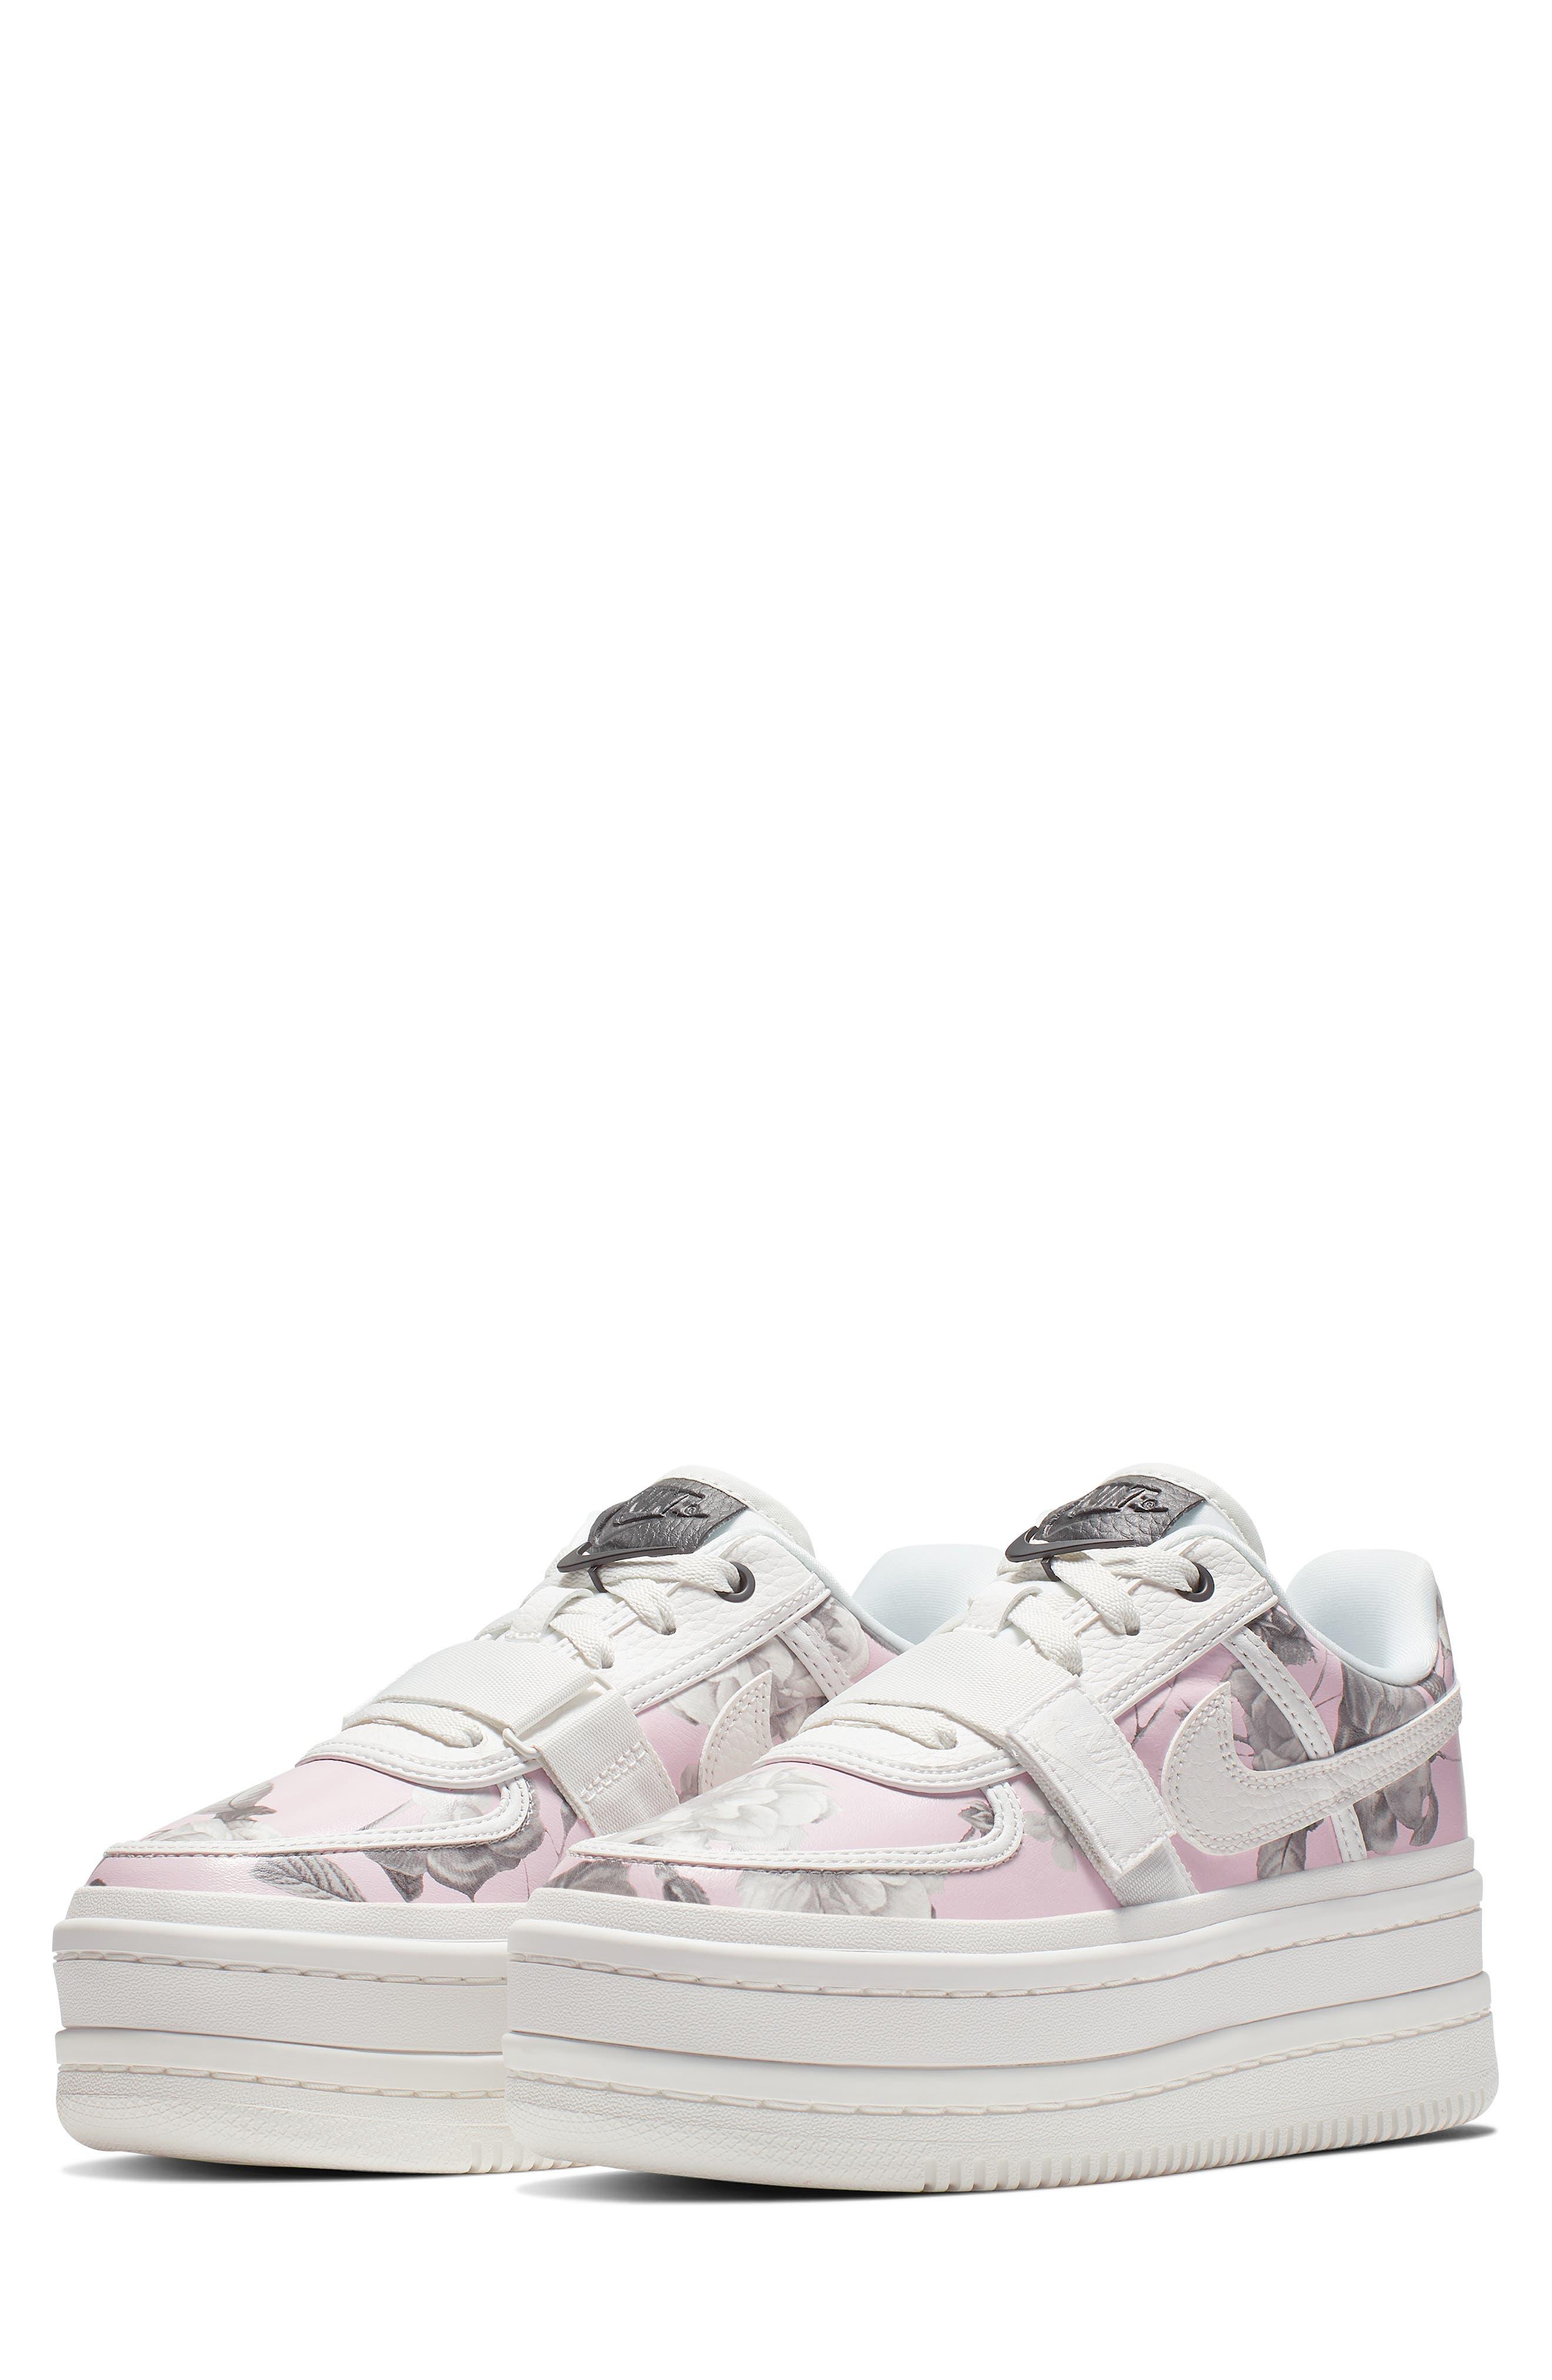 NIKE,                             Vandal 2K LX Platform Sneaker,                             Main thumbnail 1, color,                             WHITE/ WHITE/ BLACK